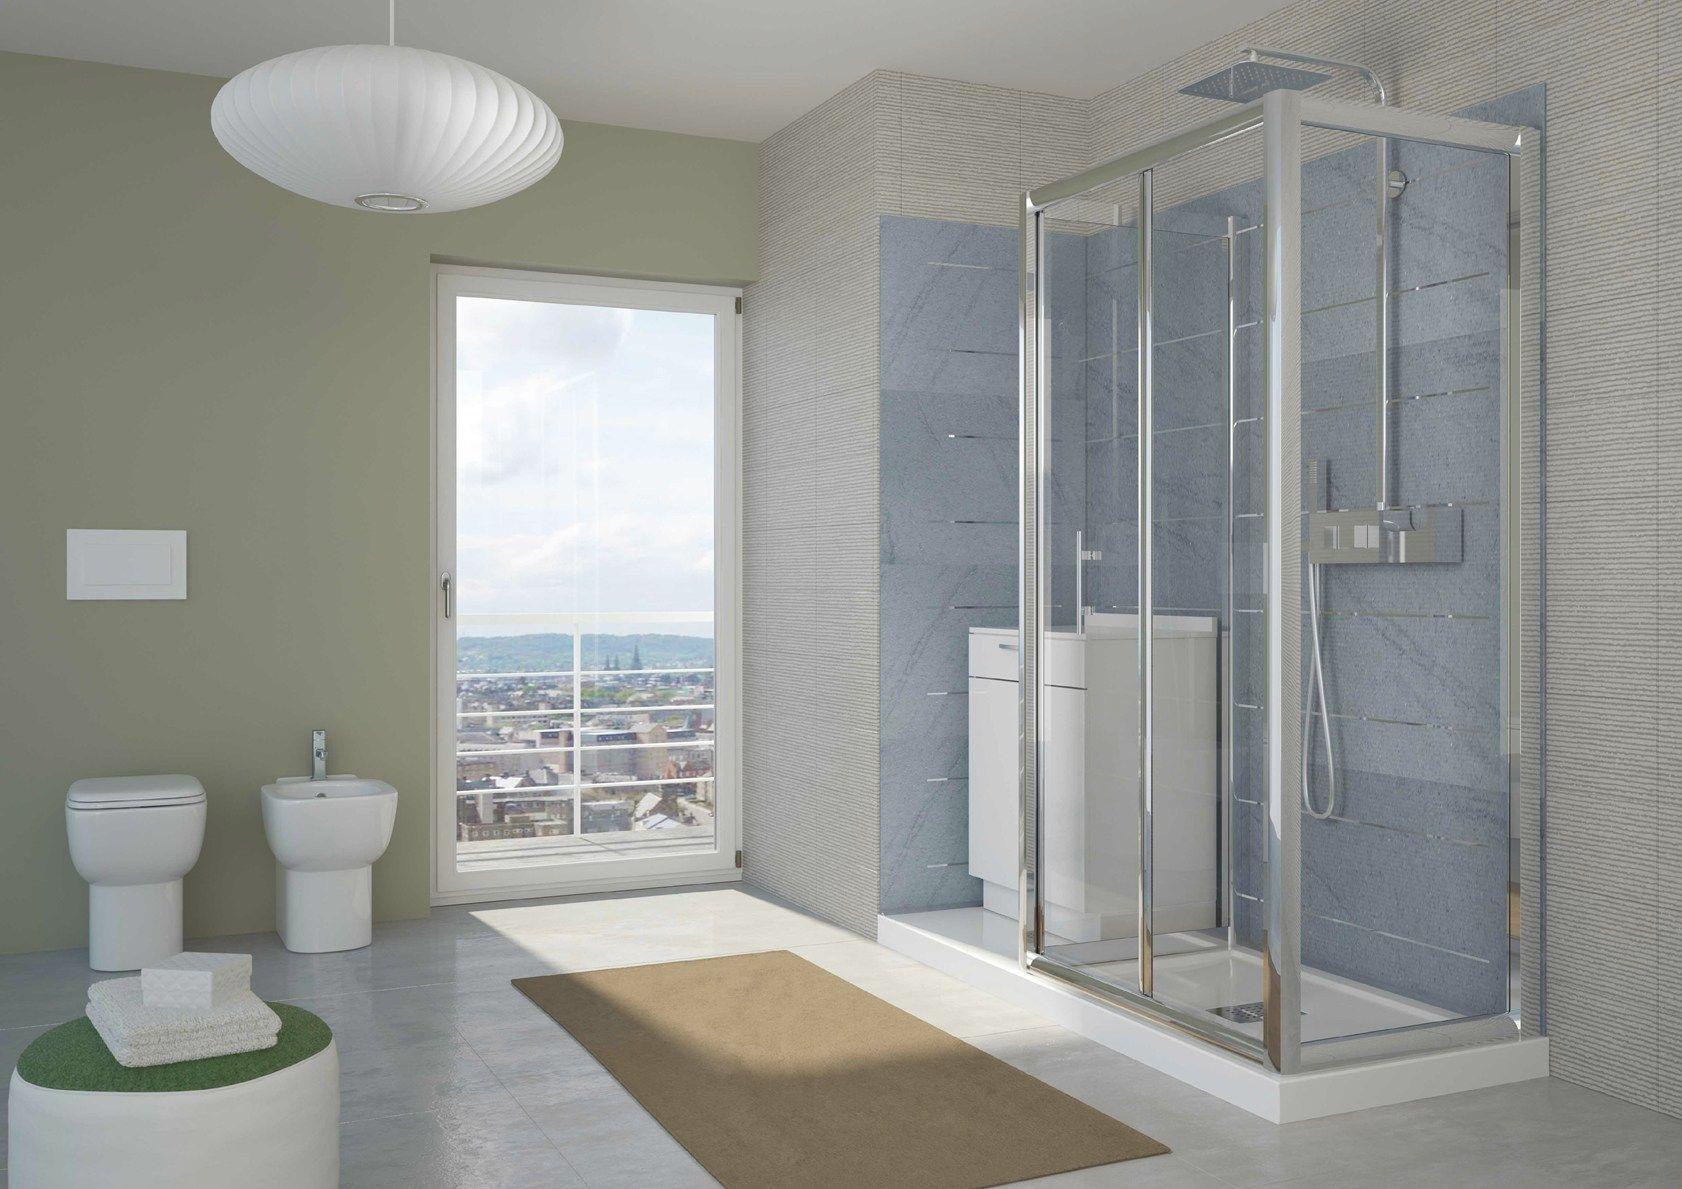 Trasformare la vasca in doccia in 8 ore con g magic di grandform